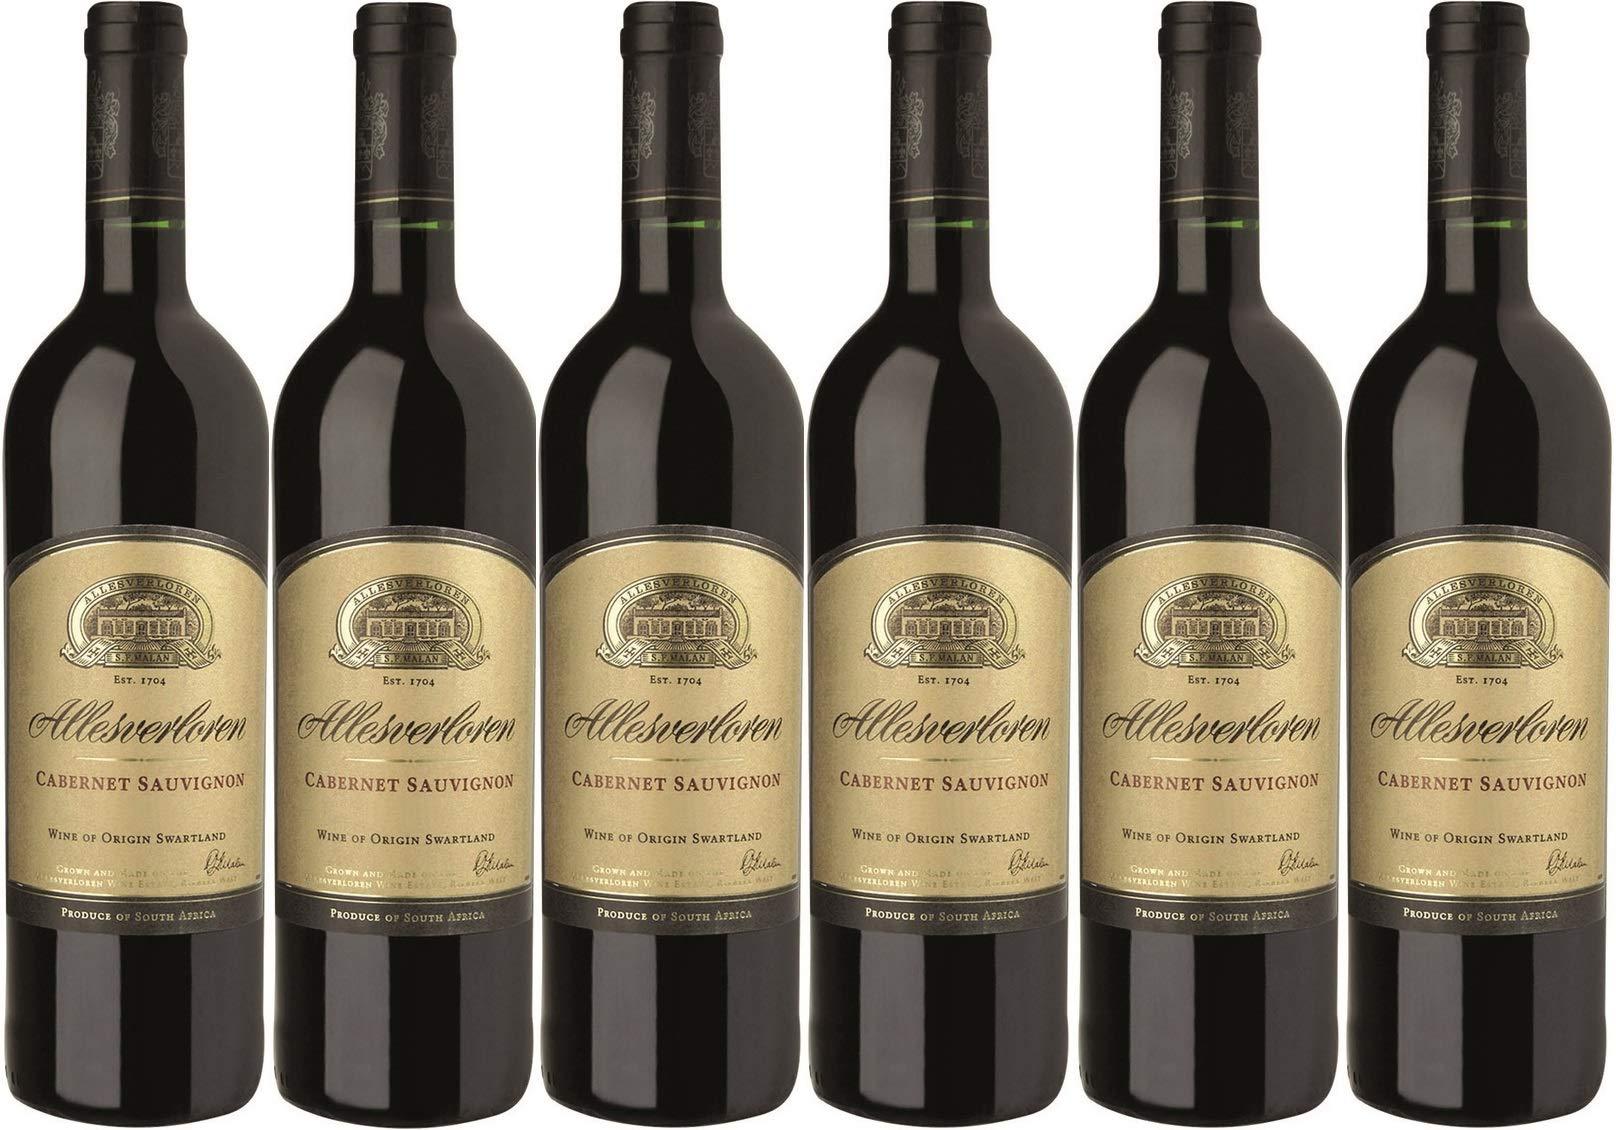 Allesverloren-Wine-Estate-2015-3-x-075-l